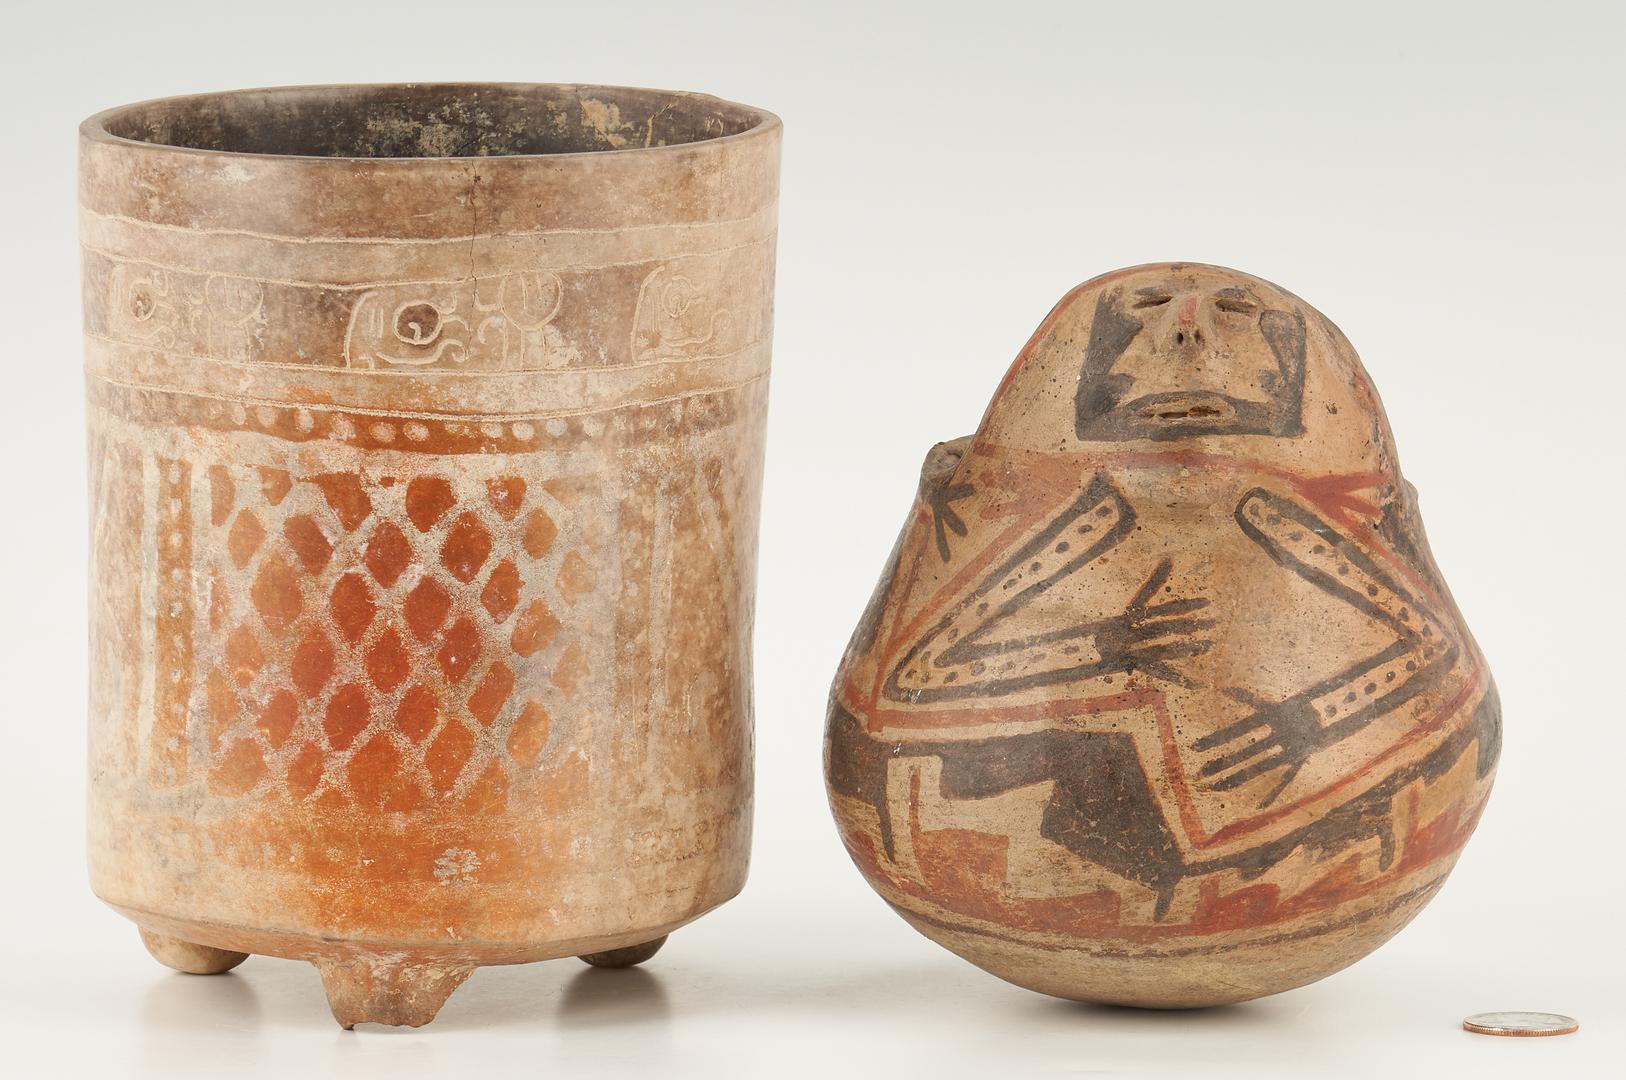 Lot 1120: Mayan Tripod Vase and Casas Grandes Human Effigy Jar, 2 items